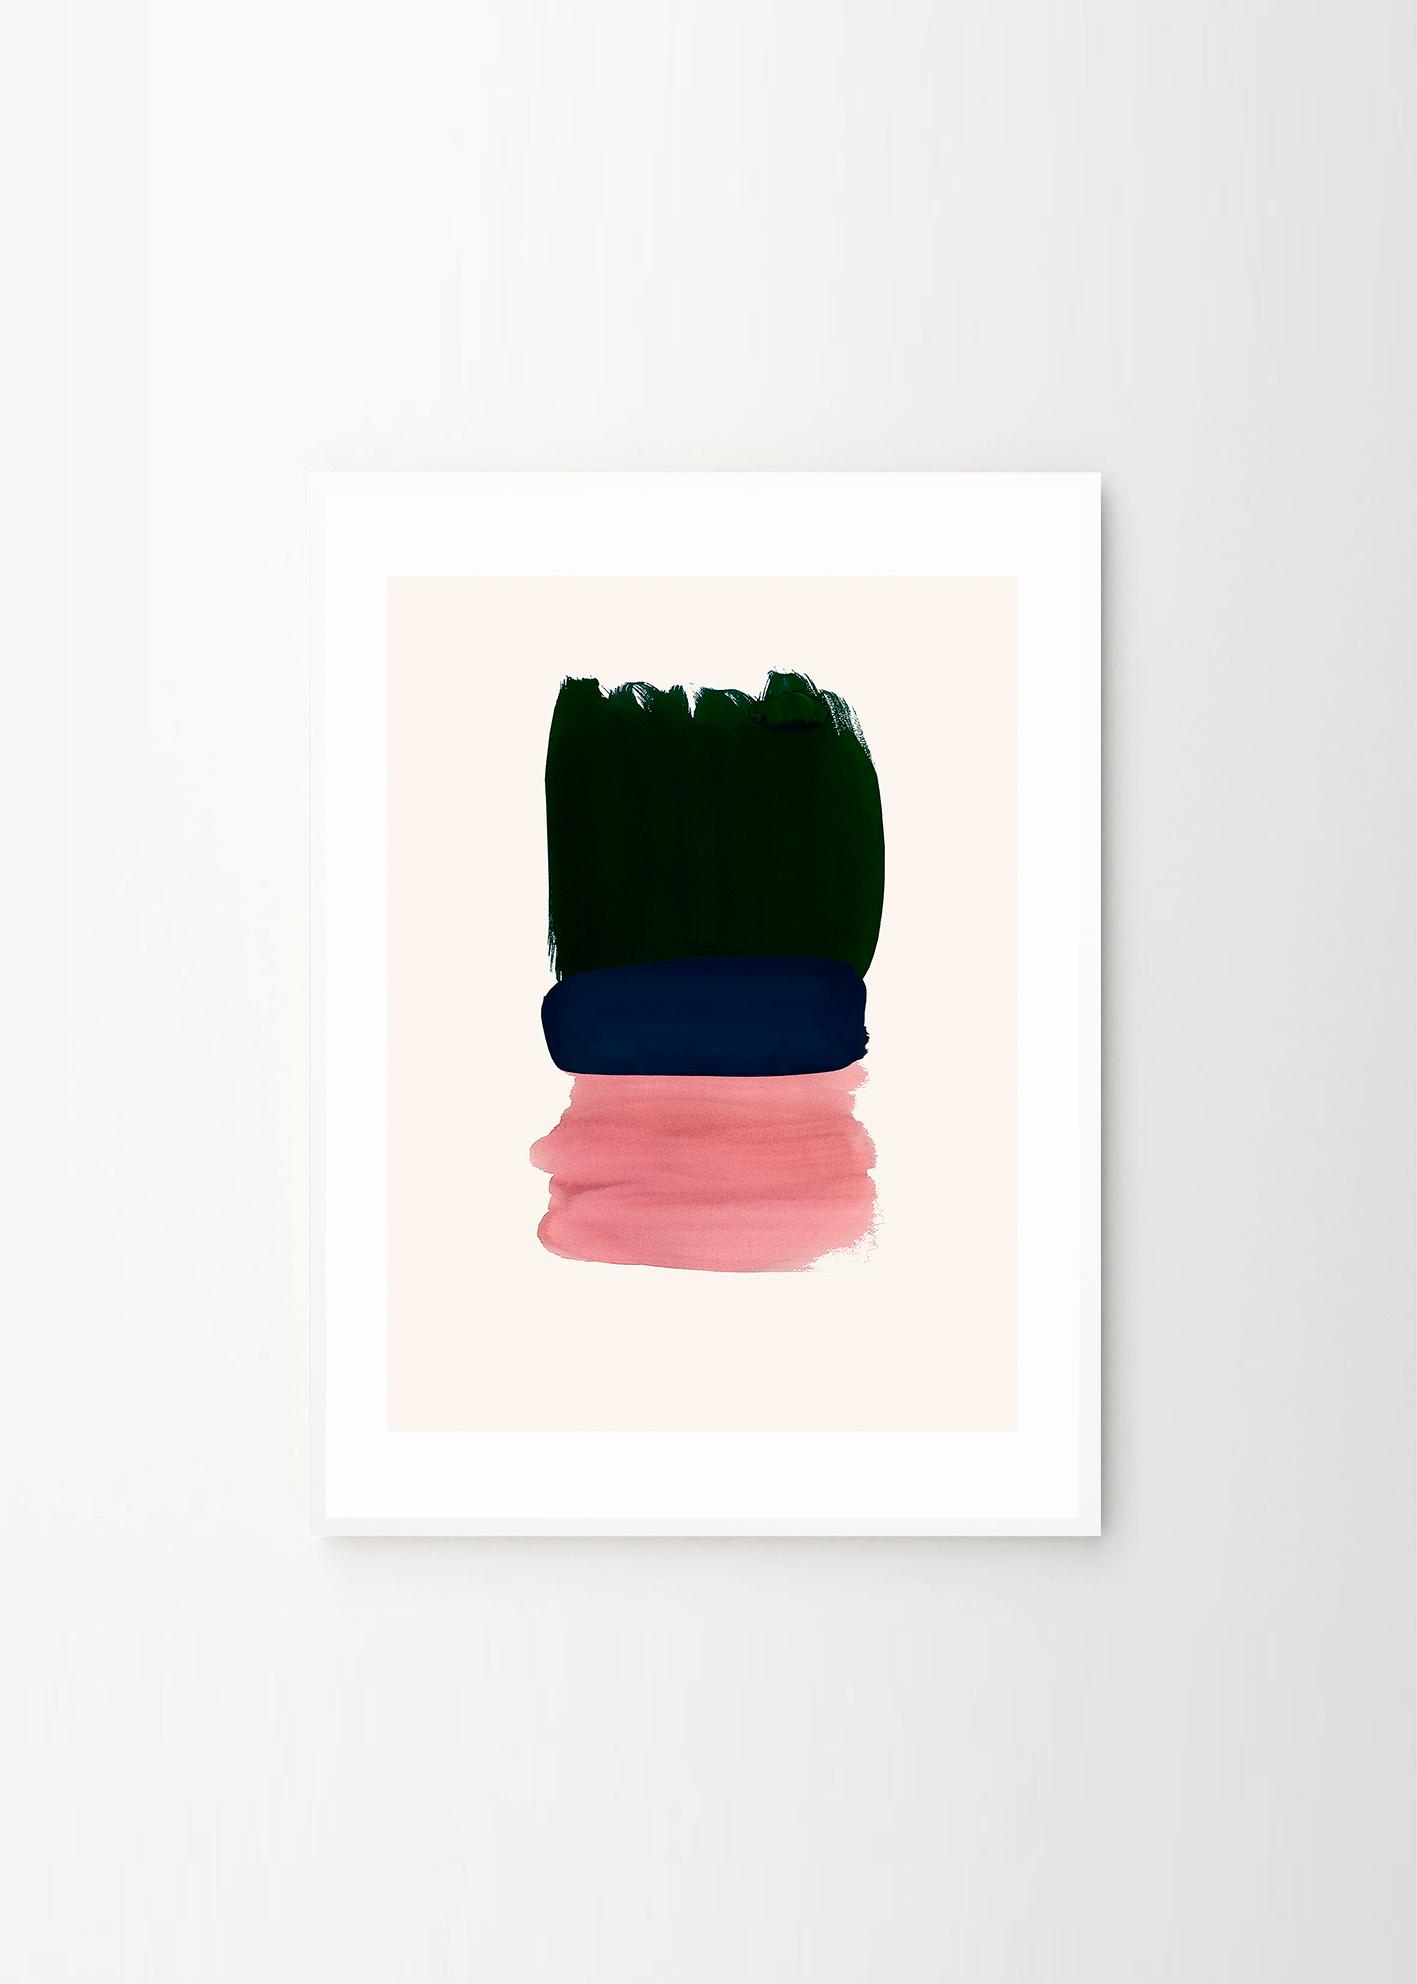 TRINITY by BERIT MOGENSEN LOPEZ für The Poster Club